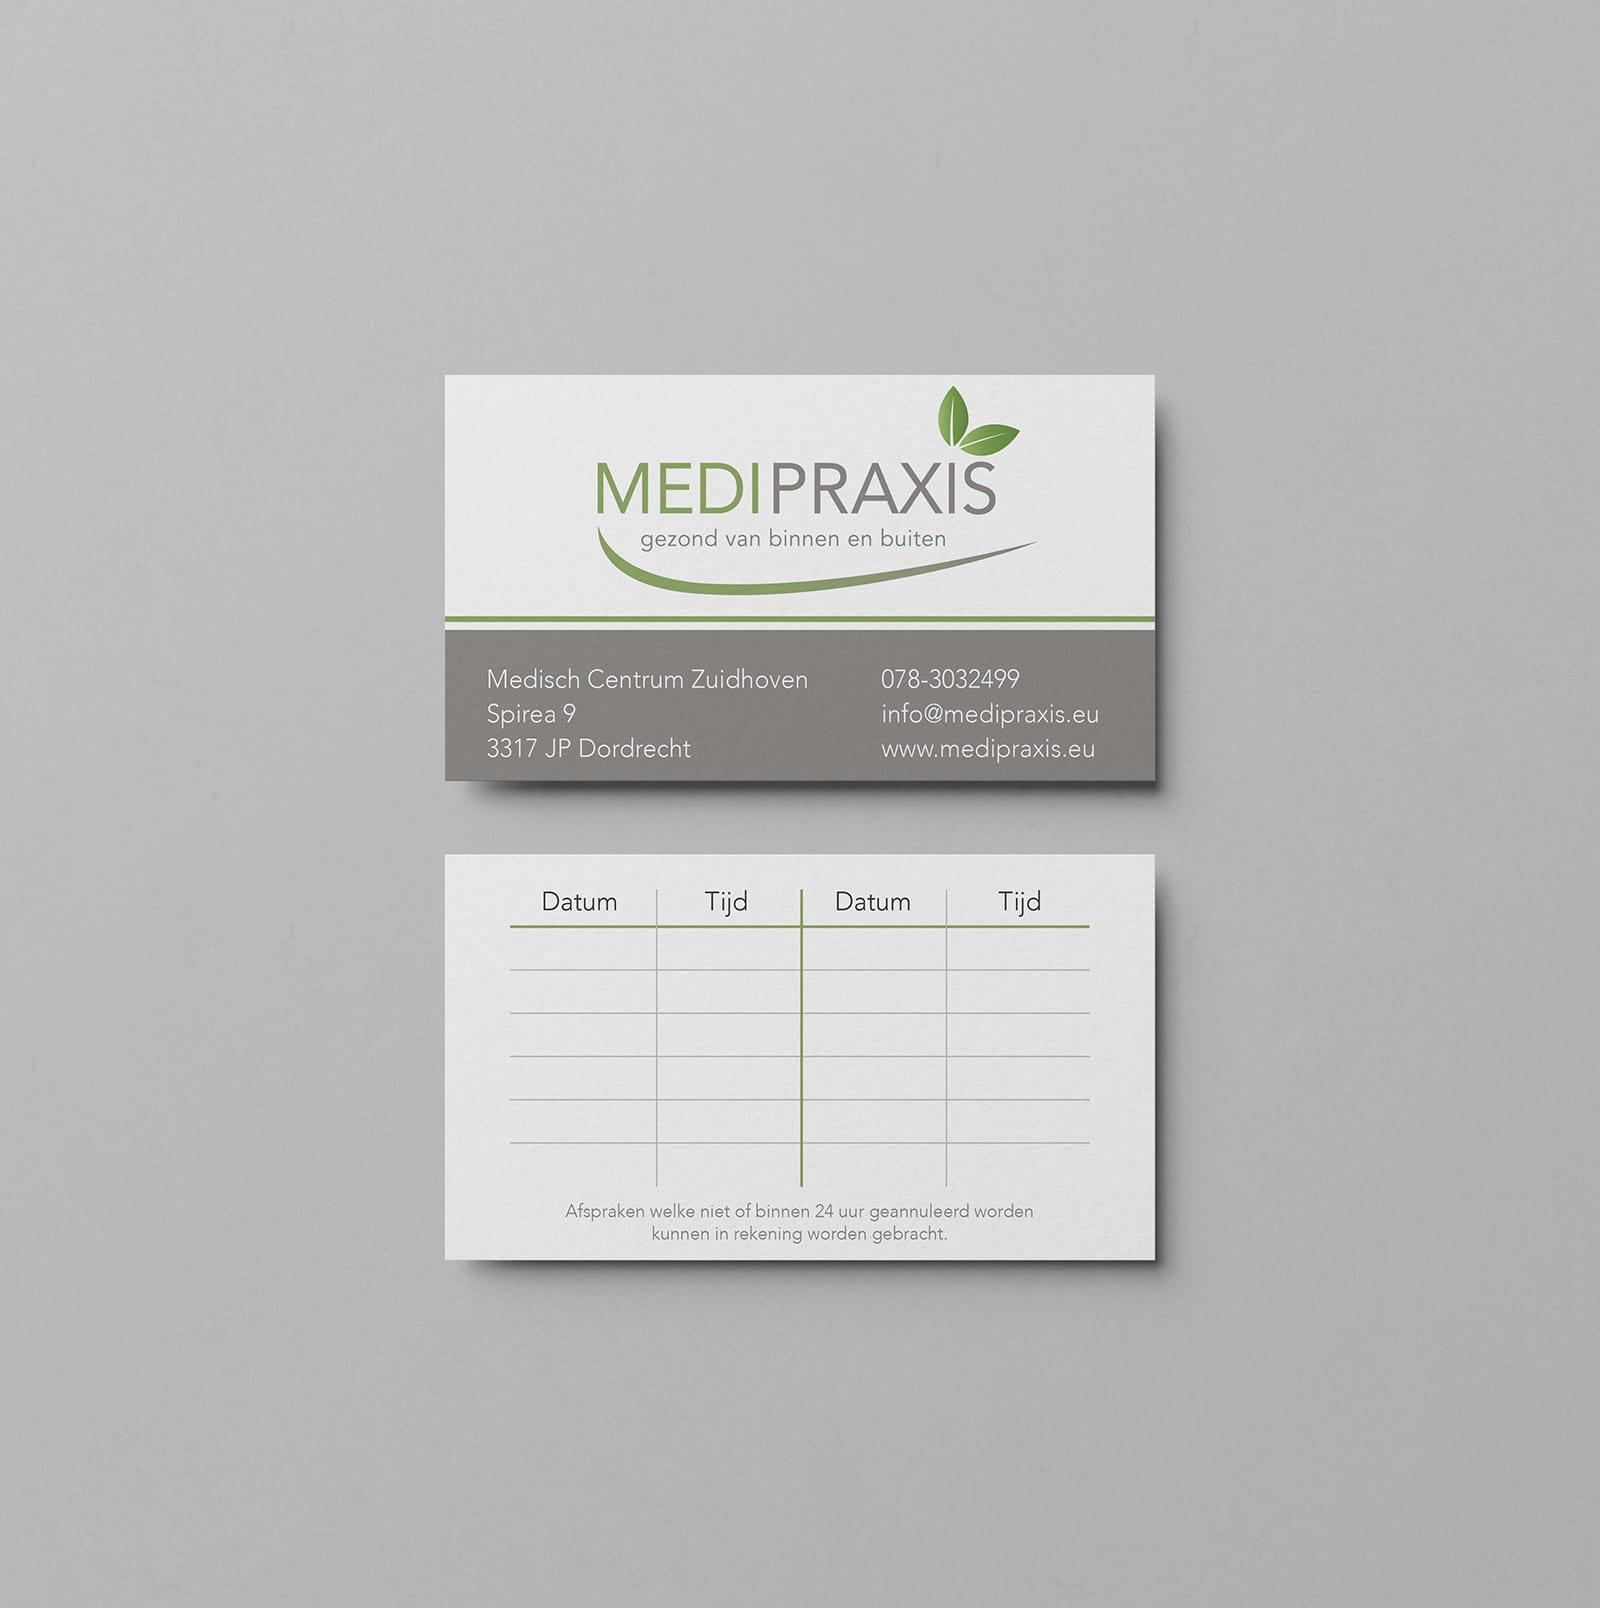 Visitekaartje Medipraxis